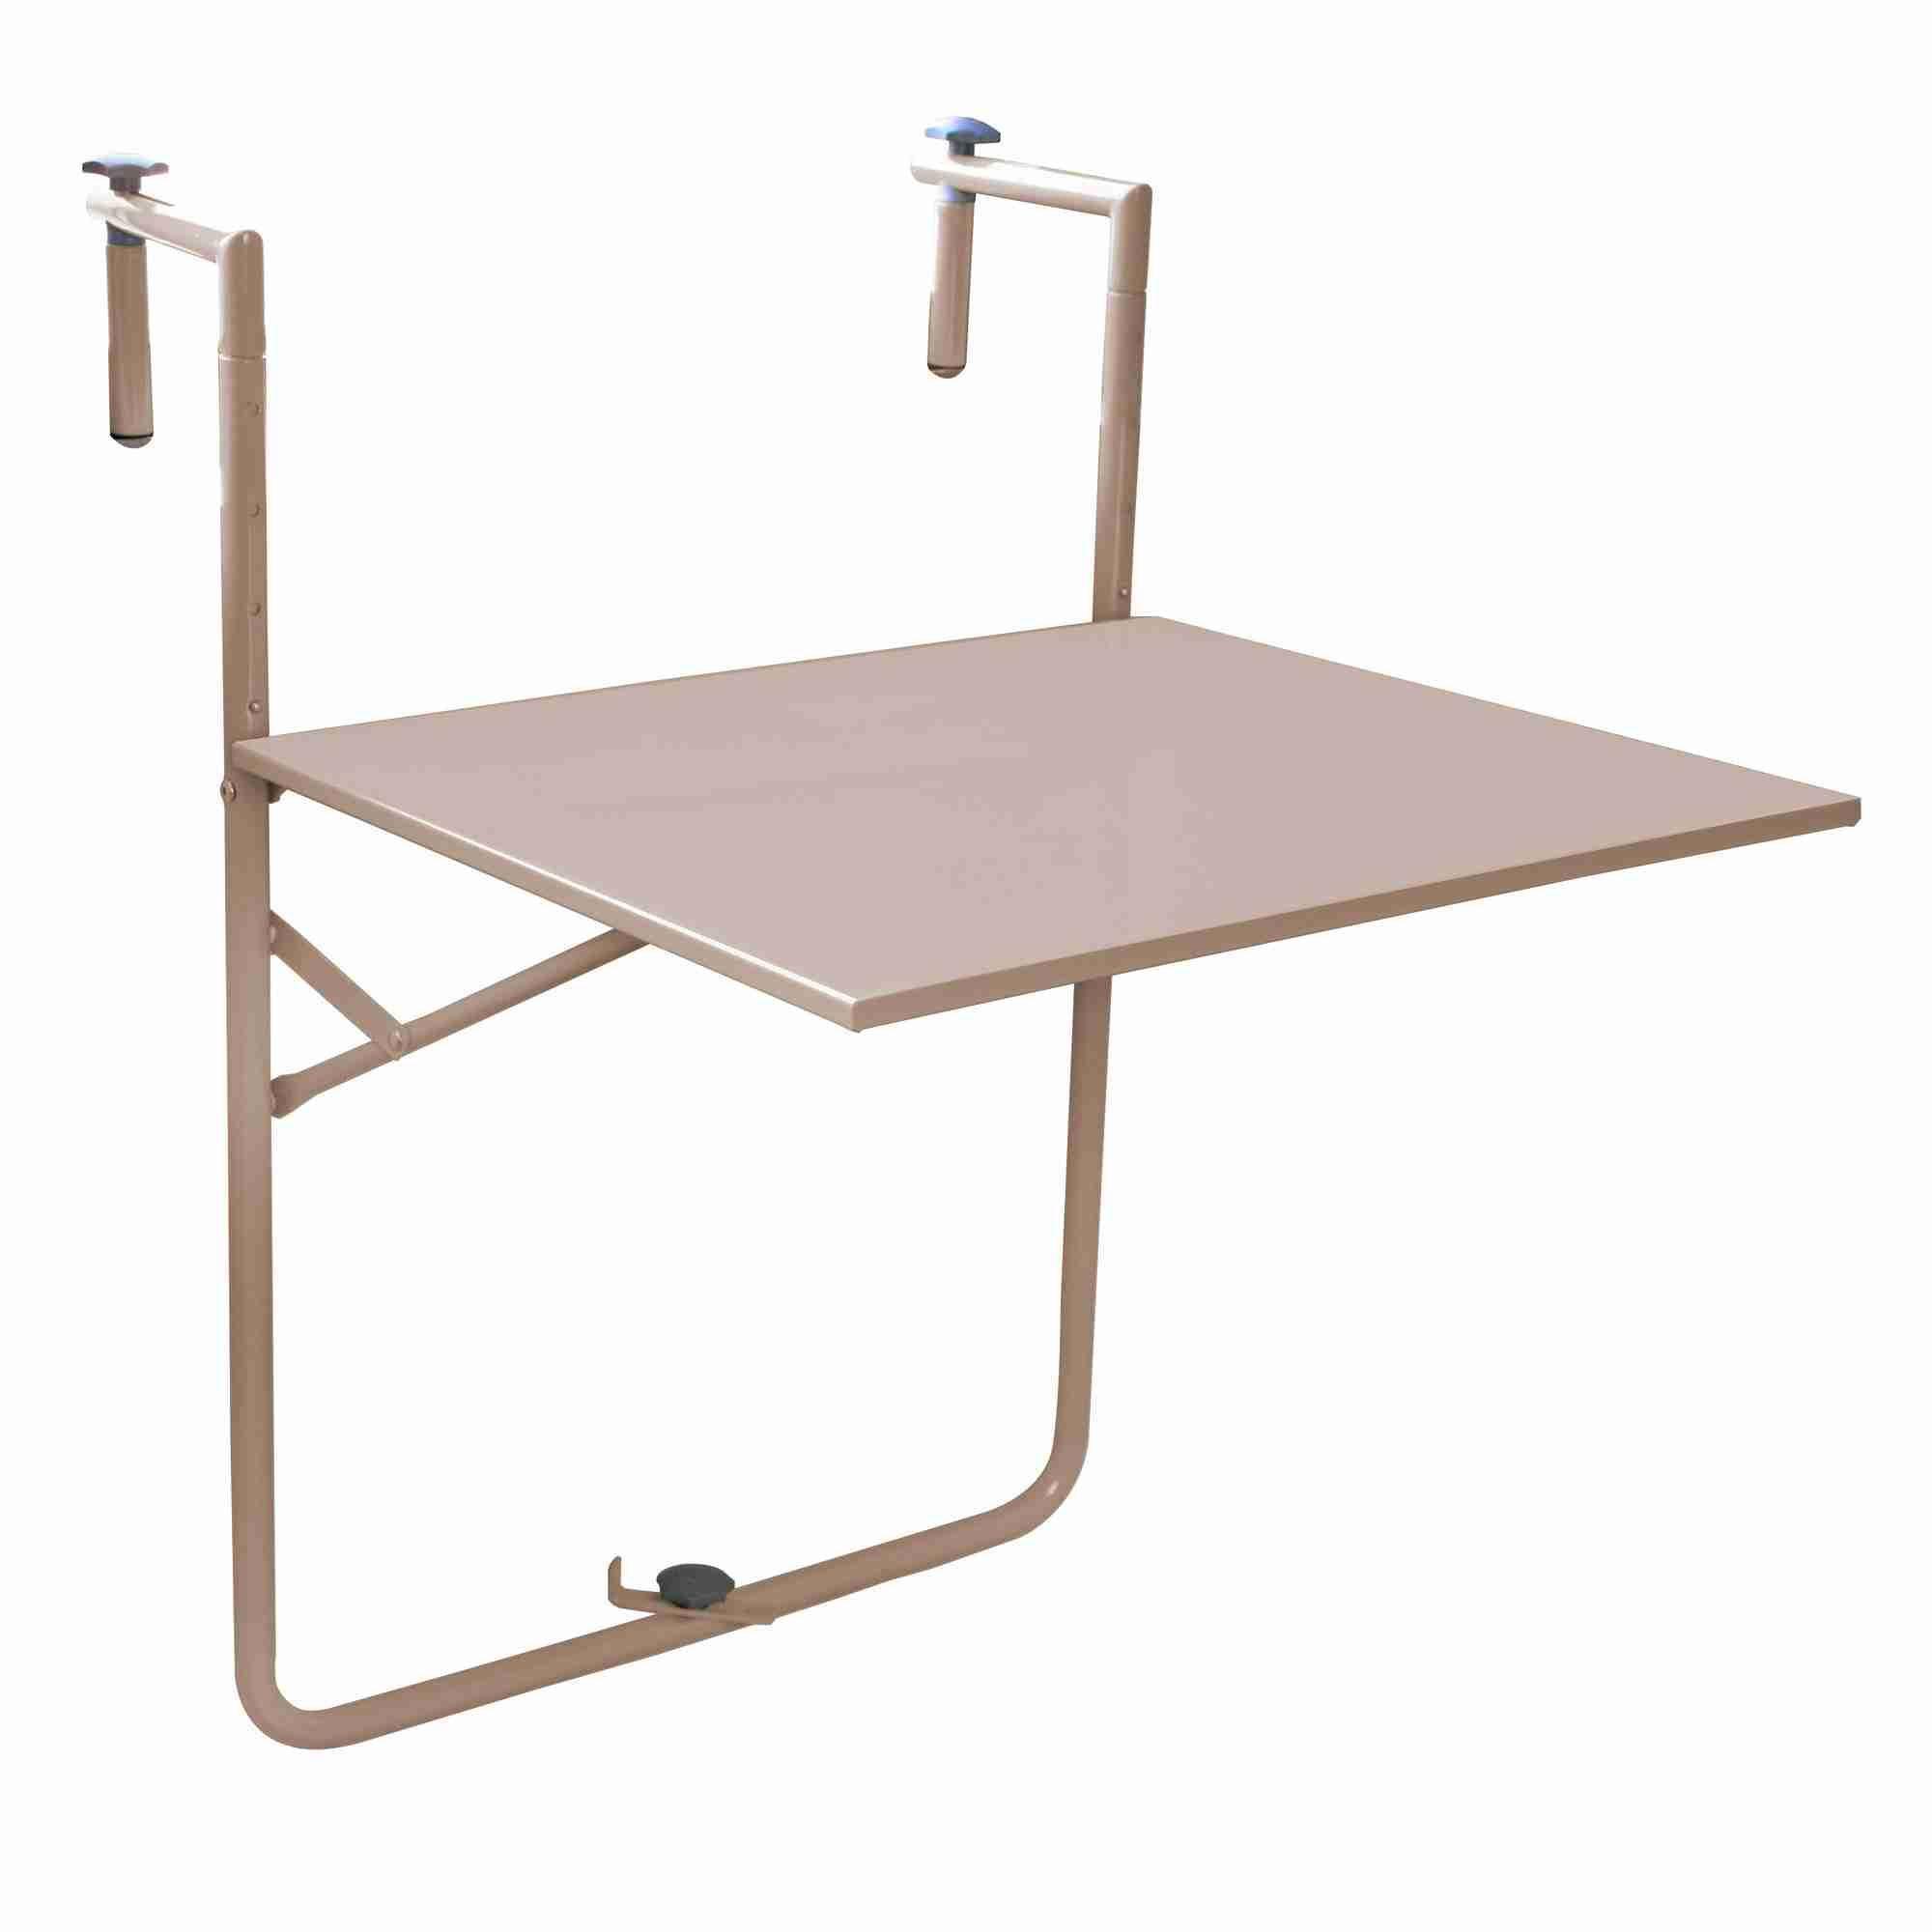 Table Balcon Suspendue Ikea Inspiration Table Balcon